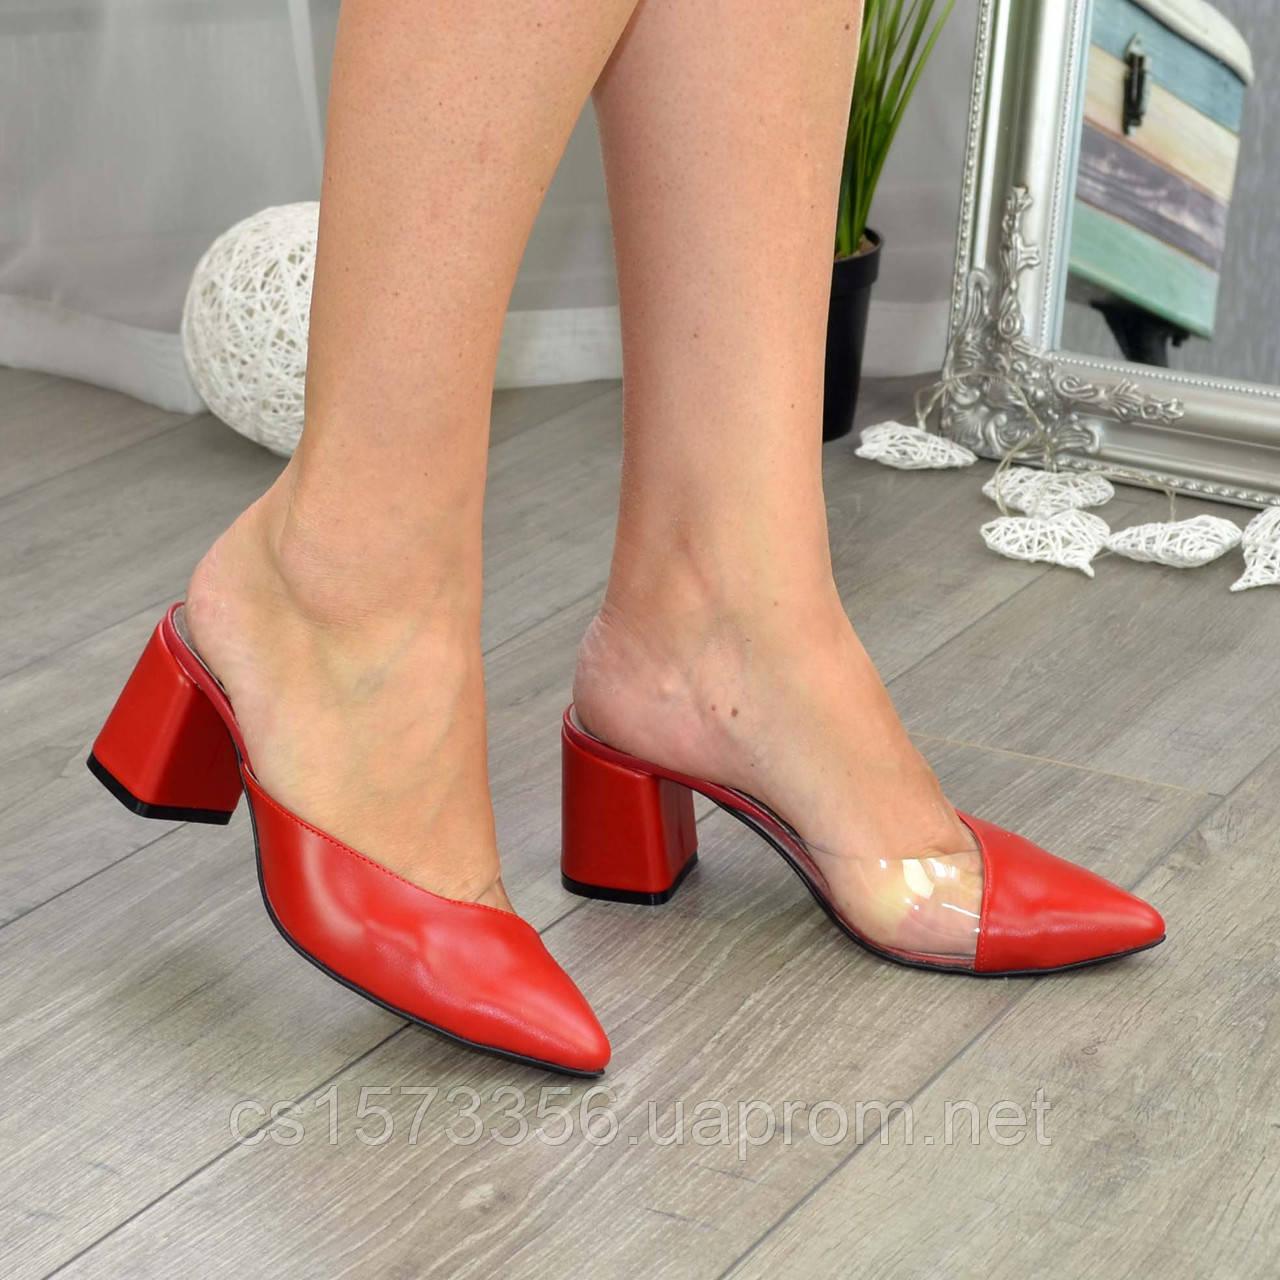 Мюли кожаные красные на устойчивом каблуке. 39 размер